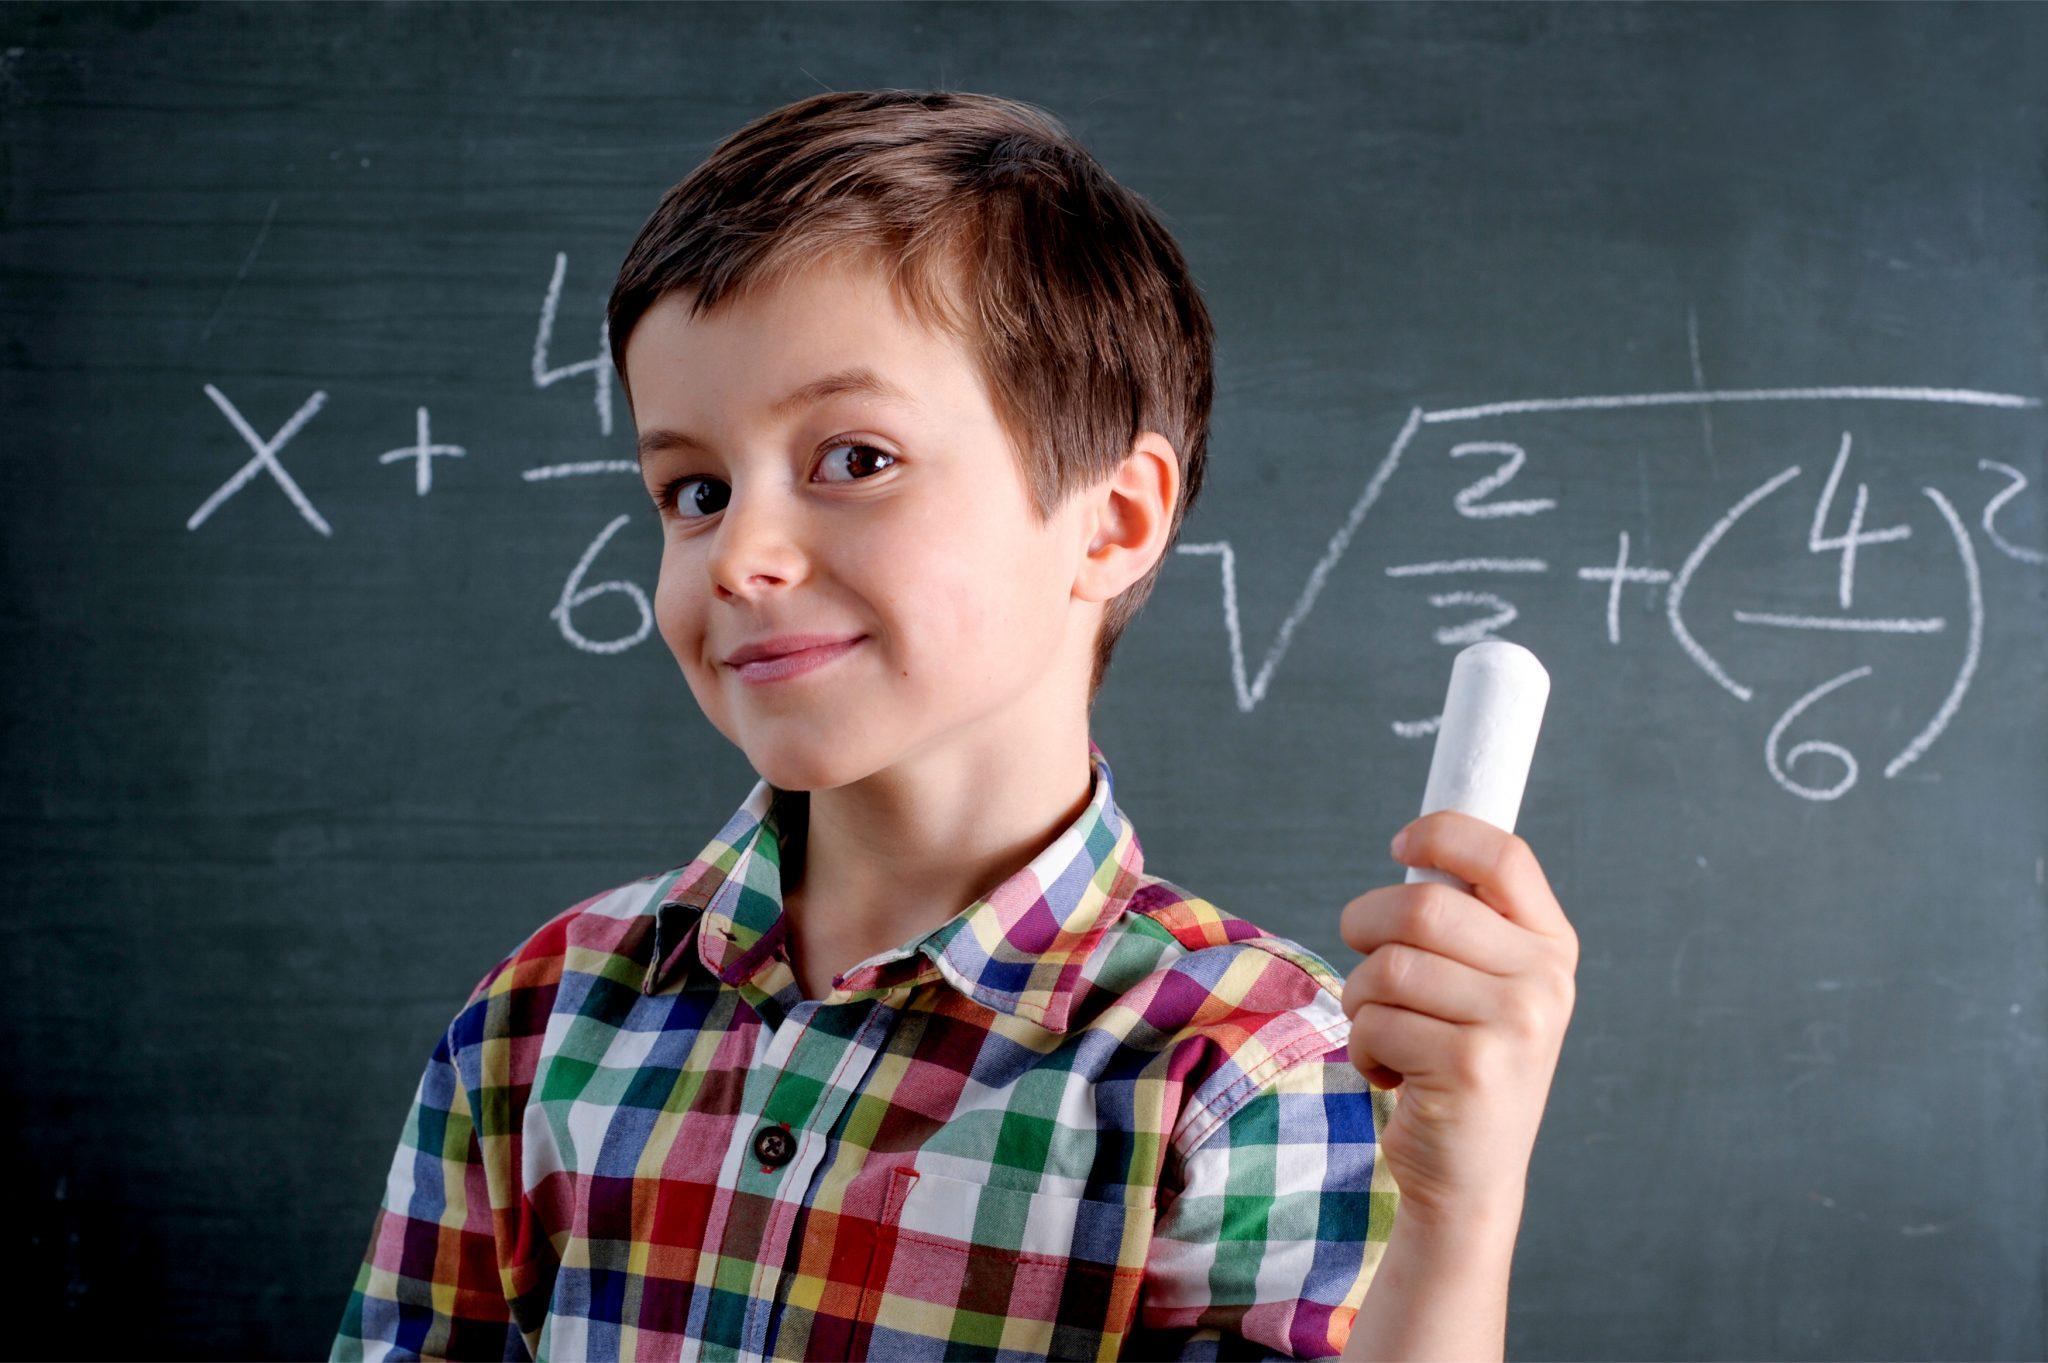 算数を解いた頭のいい子ども